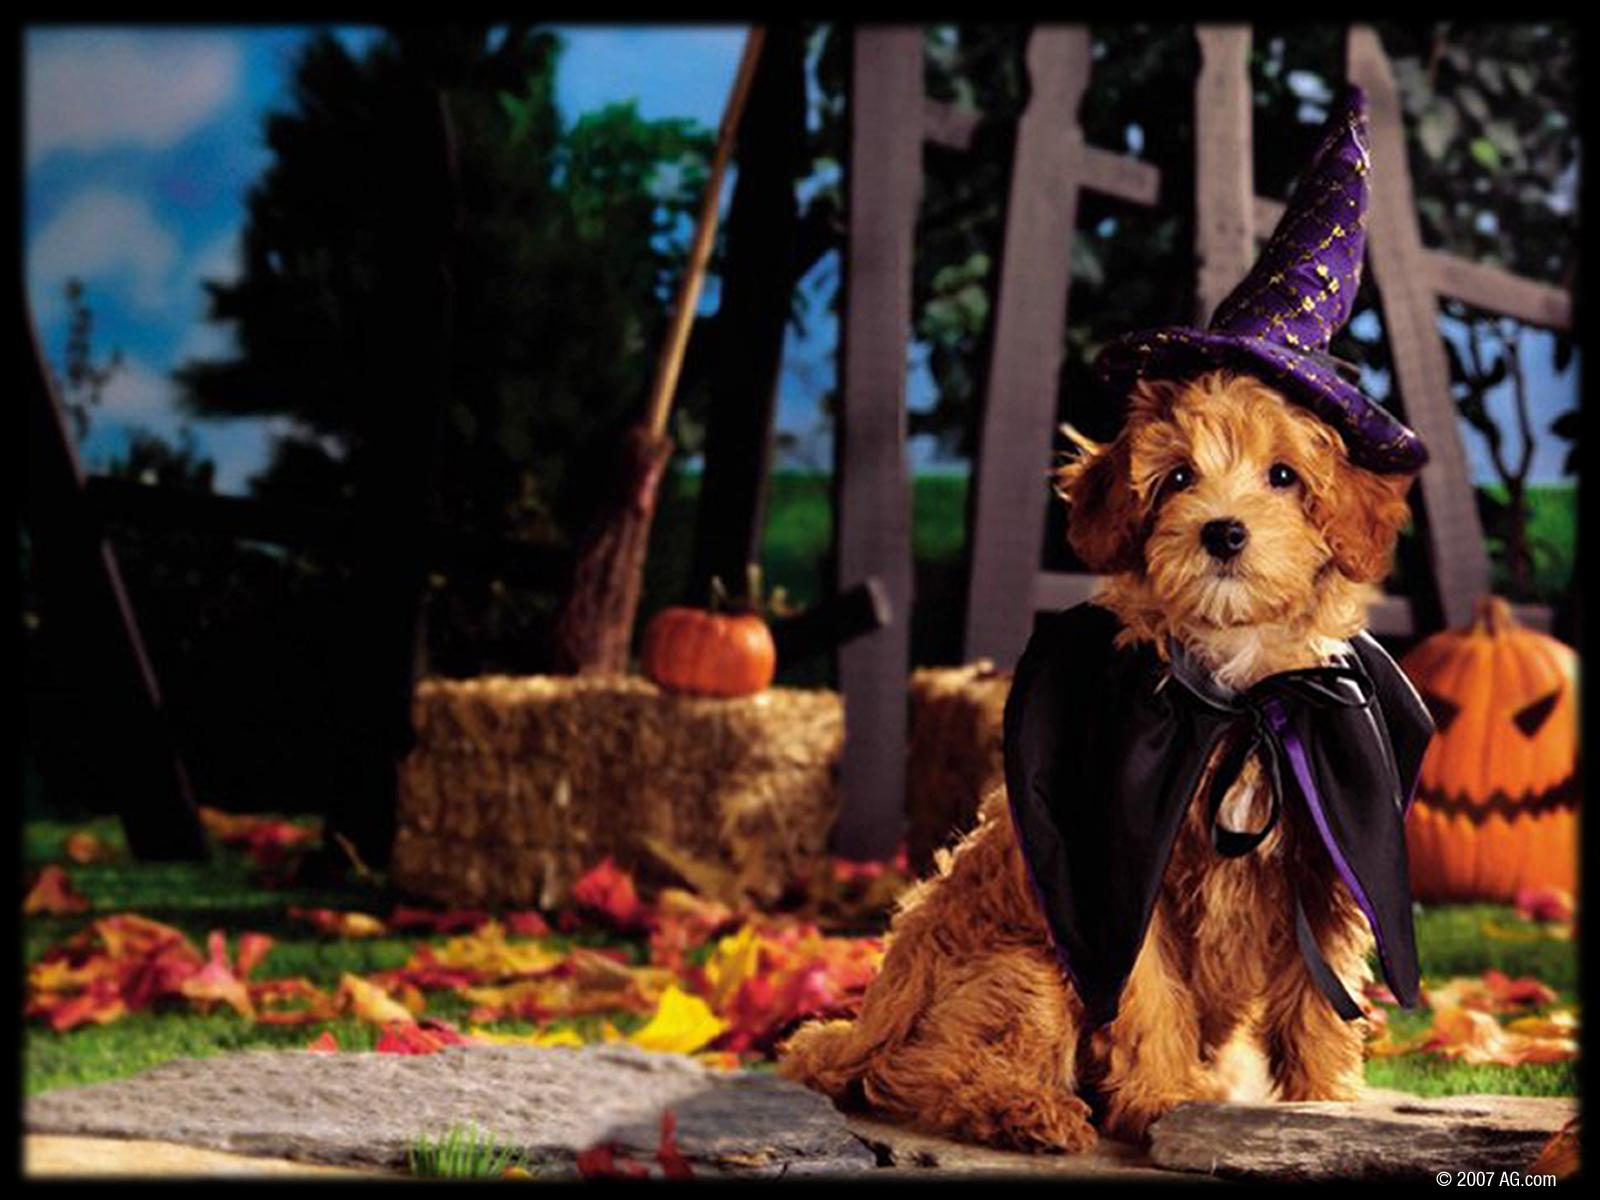 Download Wallpaper Halloween Puppy - 3063761_1600x1200  Snapshot_217844.jpg